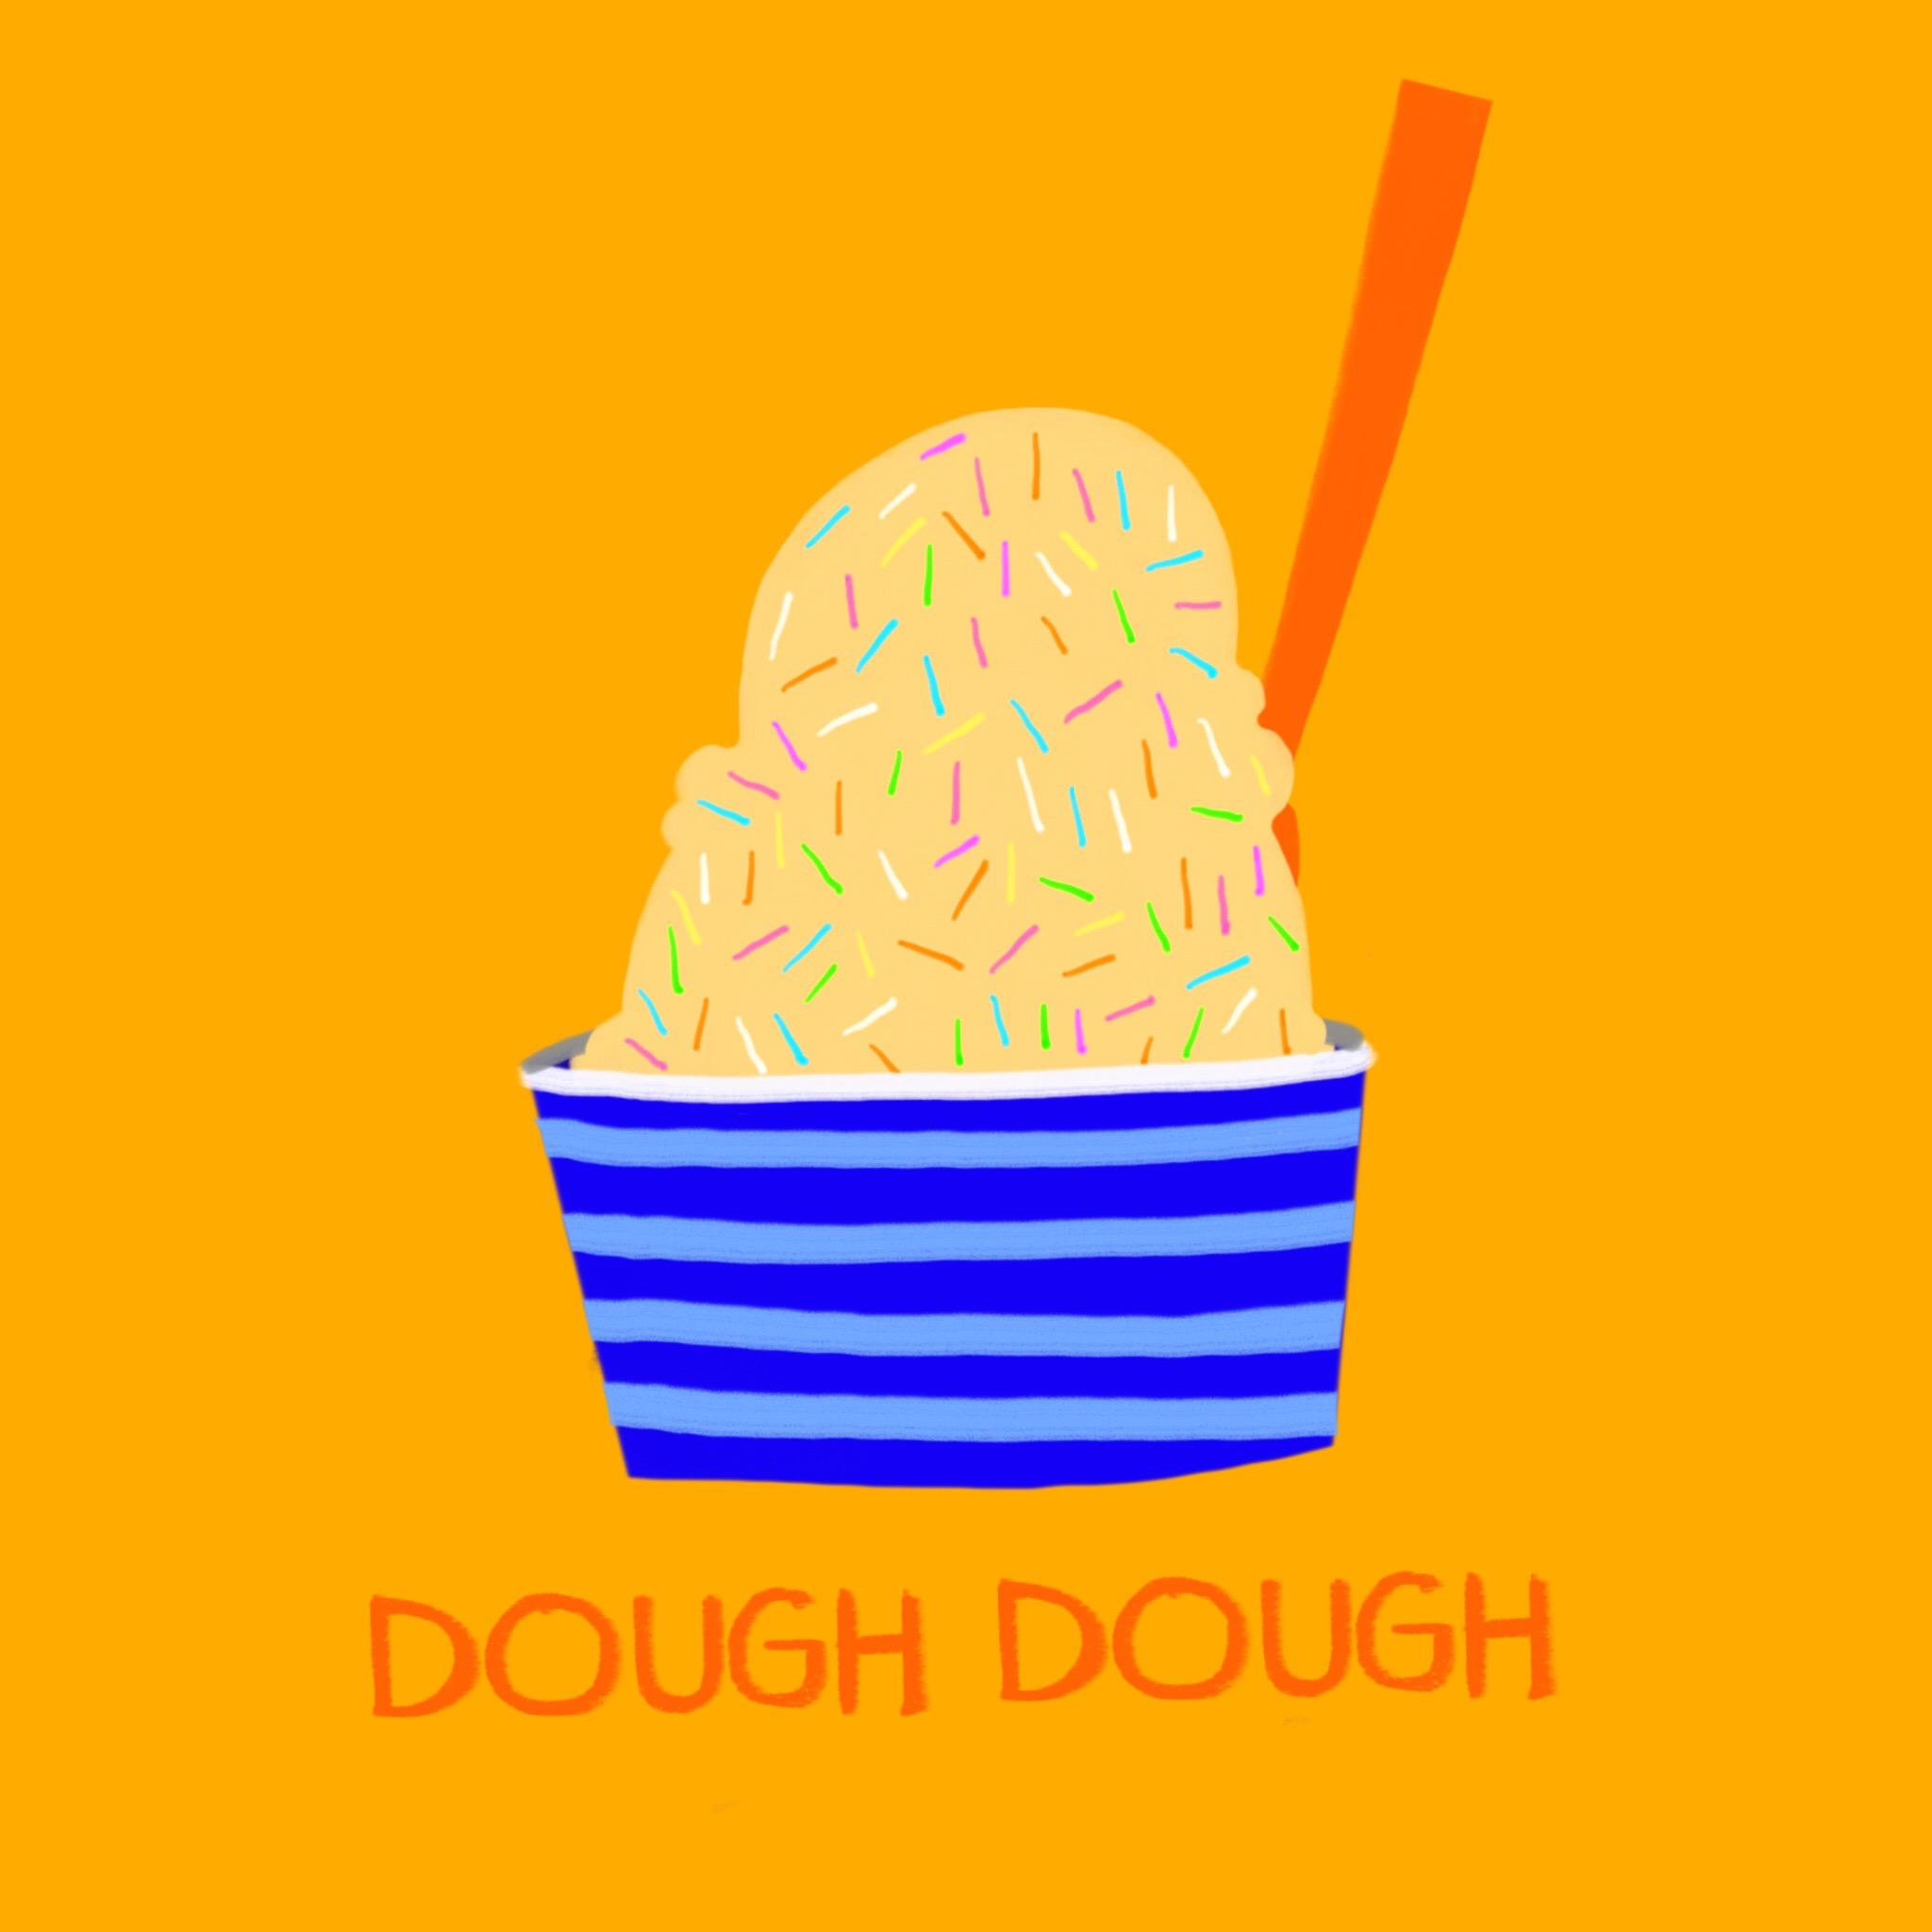 83_-_Dough_Dough.jpg